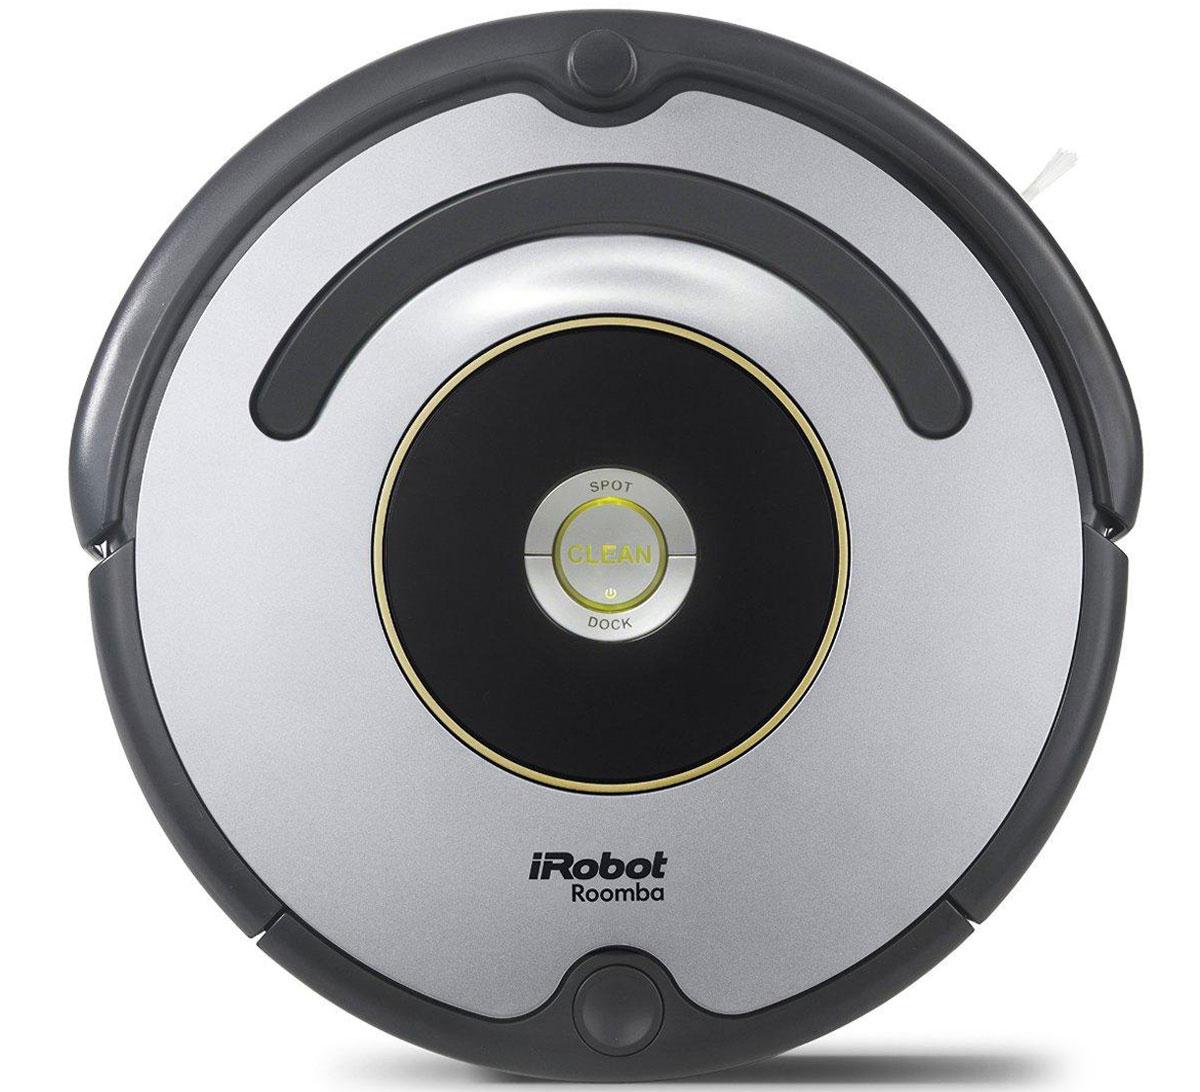 iRobot Roomba 616 робот-пылесосRoomba 616Новая модель Roomba 616. Для запуска нужно всего лишь нажать кнопку «Clean» на роботе, и Roomba 616 самостоятельно очистит до 60 квадратных метров без подзарядки. Укомплектован контейнером AeroVac Bin. Новый контейнер не только имеет повышенную емкость, предназначенную для сбора шерсти, но также оснащен всасывающим устройством и имеет компактный отсек для сбора пыли. Таким образом, теперь нет необходимости в дополнительной чистке помещения базовым контейнером. Еще одна особенность новинки — AeroVac Bin работает в 2 раза тише, чем базовая версия. Roomba 616 — представитель 600-ой серии (6-ого поколения) роботов, которые выпускает компания iRobot, в нем использованы новейшие разработки в области робототехники, навигации в помещении, вакуумной уборки.Roomba 616 предназначен для сухой уборки напольных покрытий: плитки, ламината, паркета, ковров с коротким ворсом.Русифицированный языковой модуль.Убирает 3 комнаты на 1 подзарядке.Возвращается на зарядную базу после окончания цикла уборки.Укомплектован контейнером AeroVac Bin.Вращающиеся с высокой скоростью щетки эффективно собирают мусор в мусоросборник, легко вынимаются и очищаются.Фильтр тонкой очистки удерживает мелкие частицы пыли и аллергены.Оснащен системой «антипутаница», которая помогает Roomba не застревать в проводах, шнурах, бахроме ковров.Боковая лопастная щетка позволяет очень эффективно чистить вдоль плинтуса и в углах помещения.Оснащен сенсорами перепада высоты, распознает ступеньки, иные перепады высоты и избегает падения.Робот Roomba применяет запатентованную систему трехуровневой чистки.1. Лопастная щетка чистит пол вдоль плинтусов и в углах комнаты.2. Две вращающиеся в противоположных направлениях щетки загребают мусор мусоросборник.3. Пылесос собирает оставшуюся грязь, а фильтр задерживает пыль и мелкие частицы. Roomba применяет запатентованную систему трехуровневой чистки.Лопастная щетка чистит пол вдоль плинтусов и в углах комнаты, направляет мусор к основным 